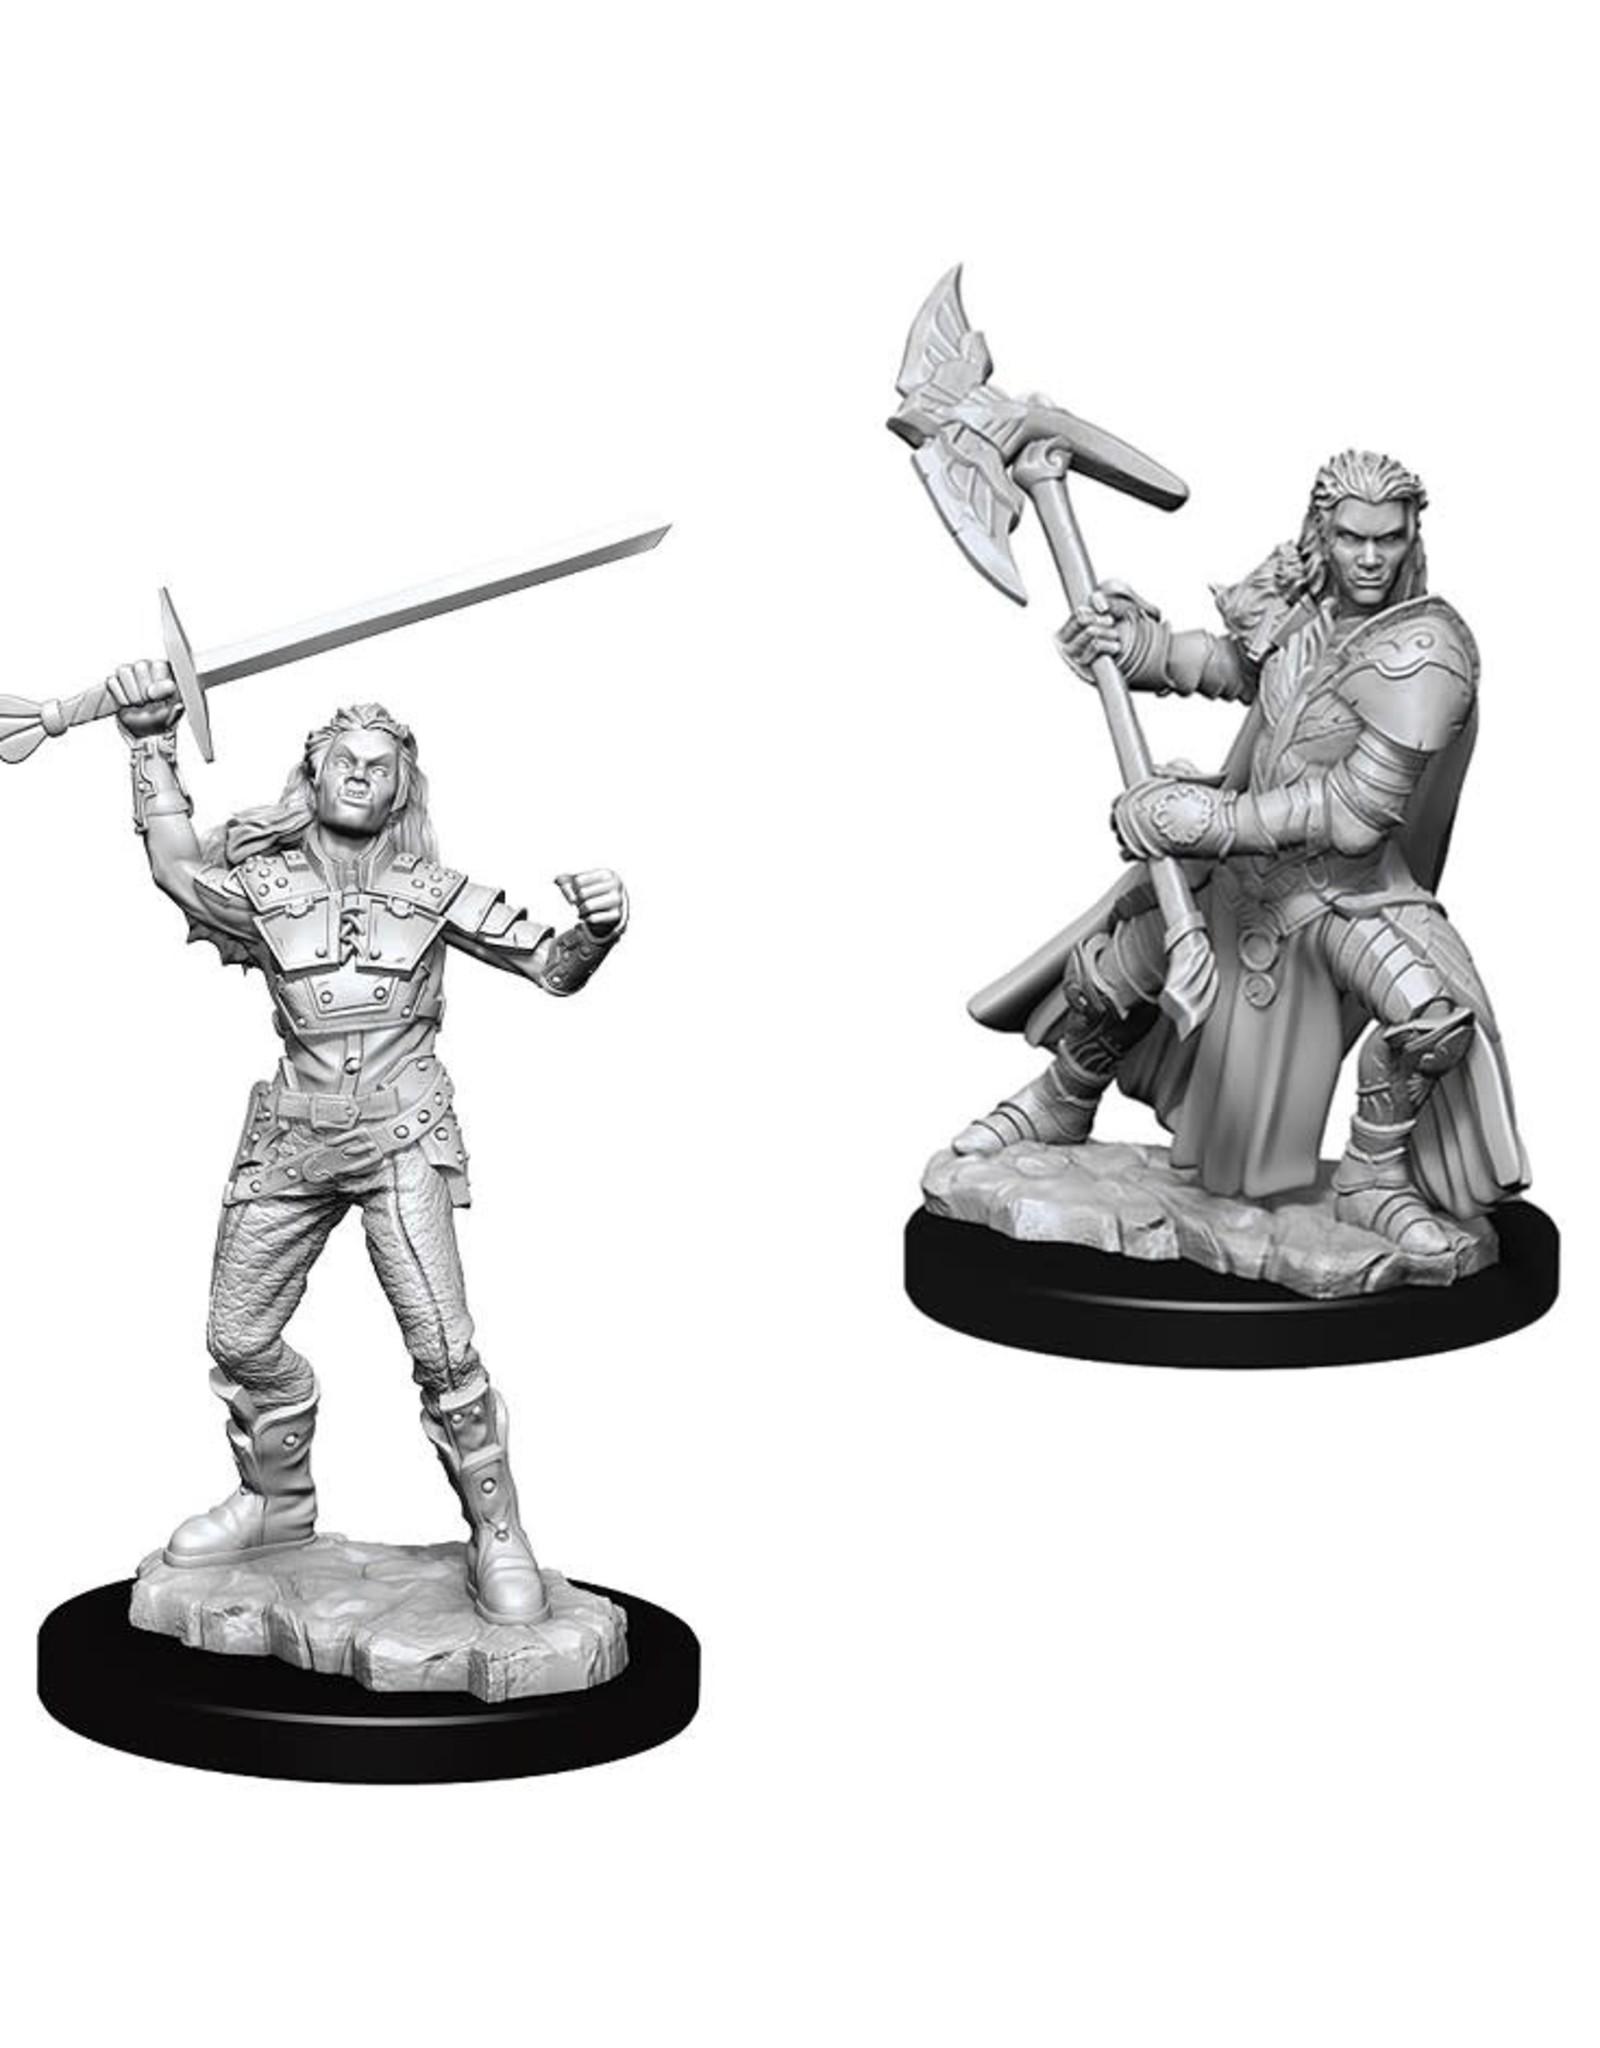 WizKids D&D Nolzur's Marvelous Miniatures (unpainted): Half-Orc Fighter (female)